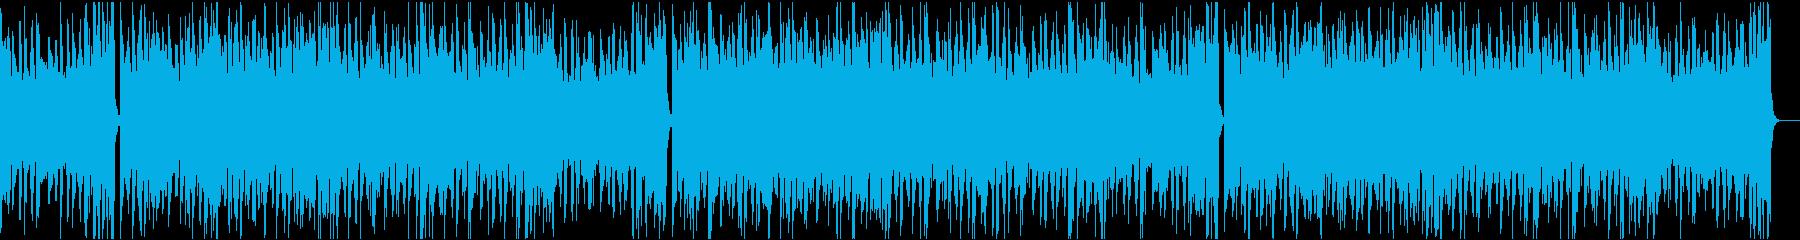 13秒でサビ、電子音ダーク/静かめの再生済みの波形